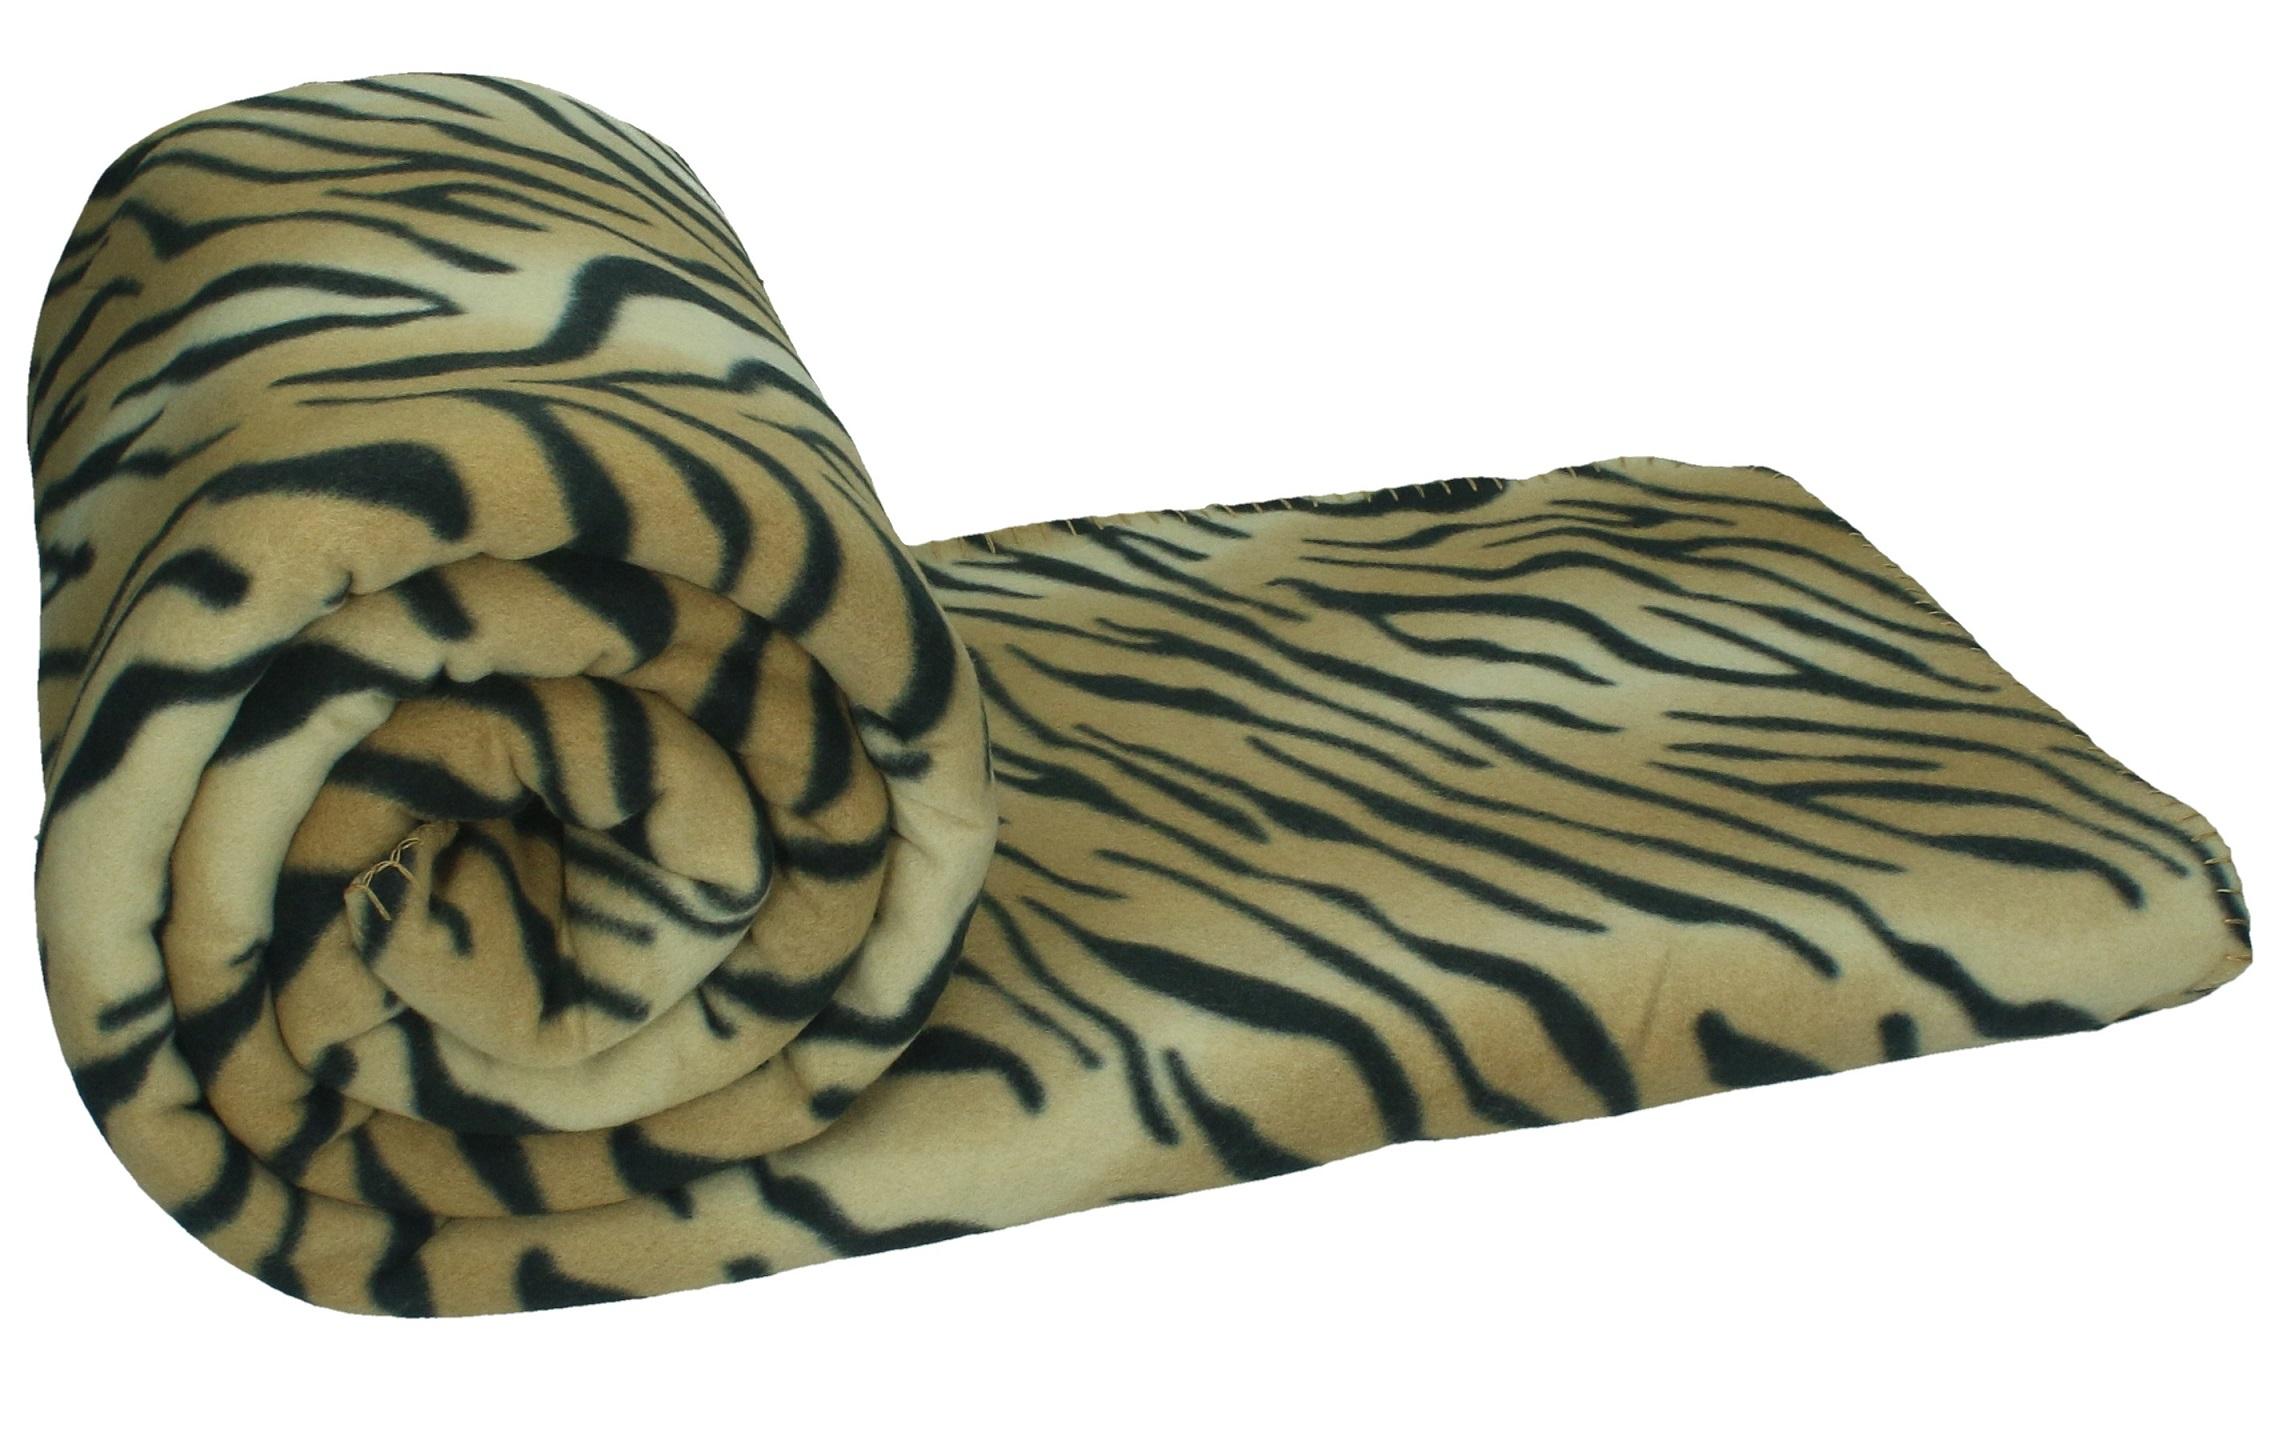 Betz couverture polaire avec motif tigre taille 140 x 190 cm - Tigre polaire ...